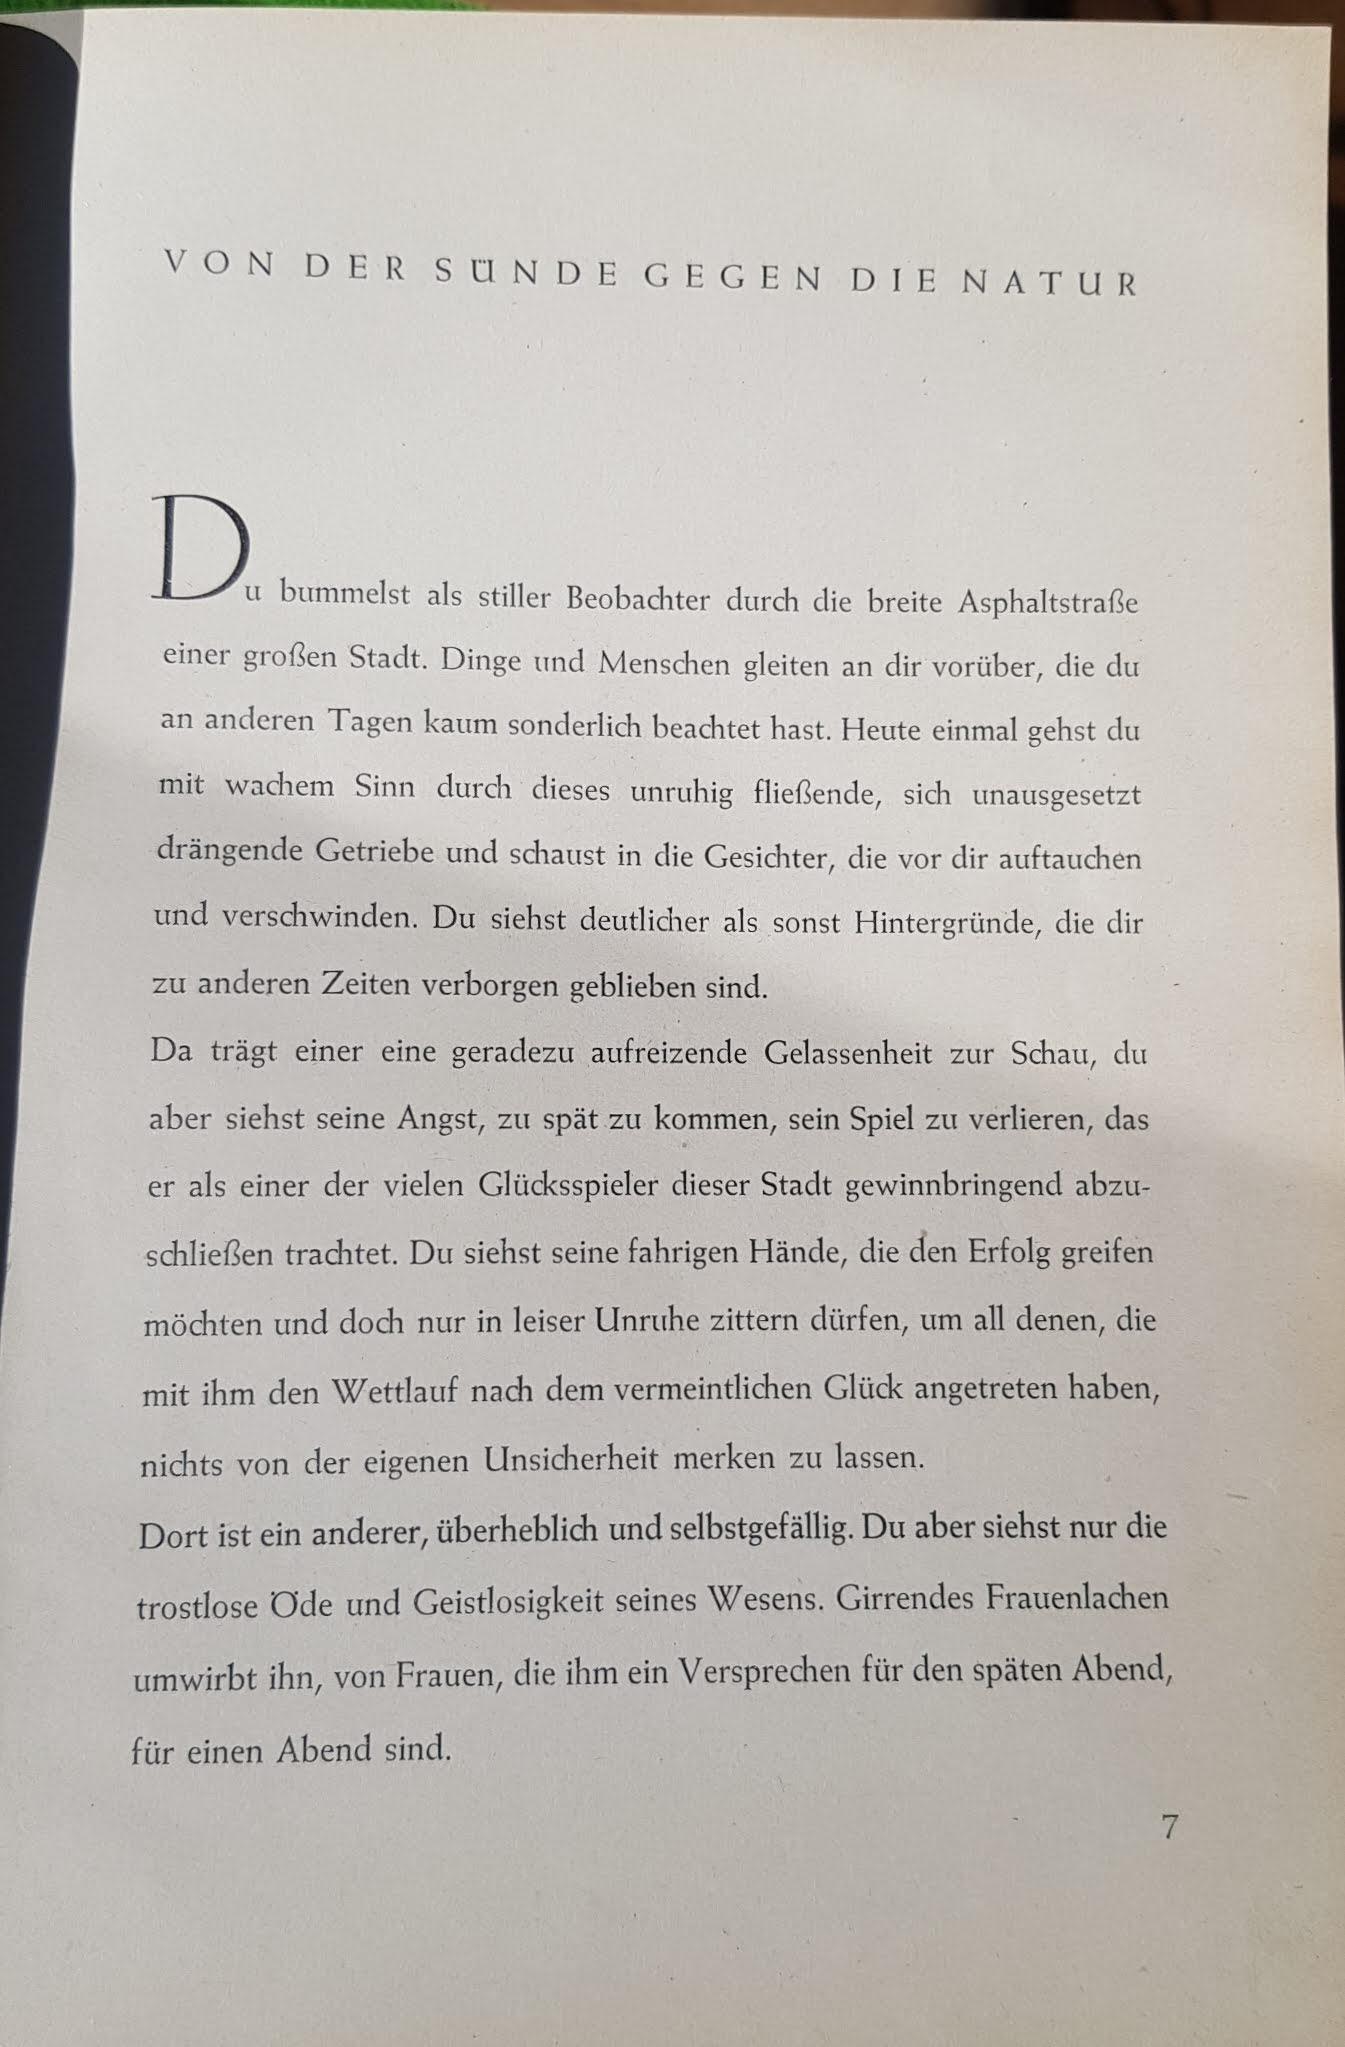 Karl Bückmann, In Natur und Sonne, Schriftenreihe für völkische Leibeszucht und nordische Lebenshaltung - Von der Sünde gegen die Natur, 1940